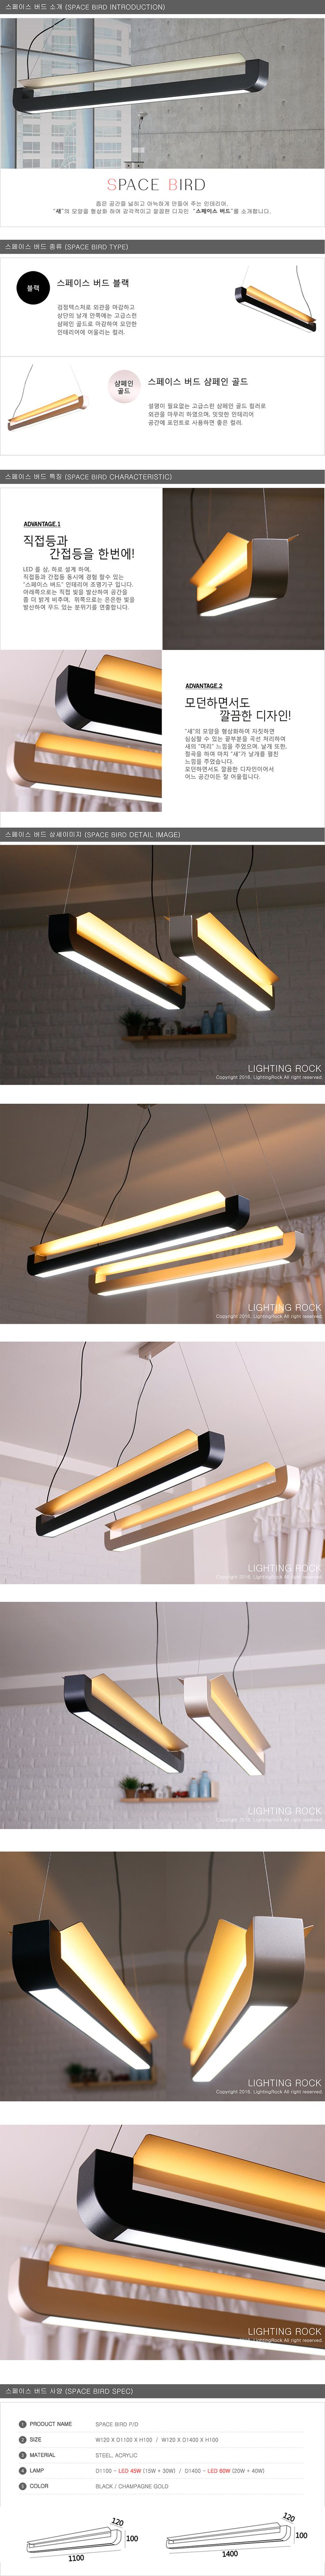 라이팅락의 스페이스 버드 조명 상품입니다. Lighting Rock - space bird light